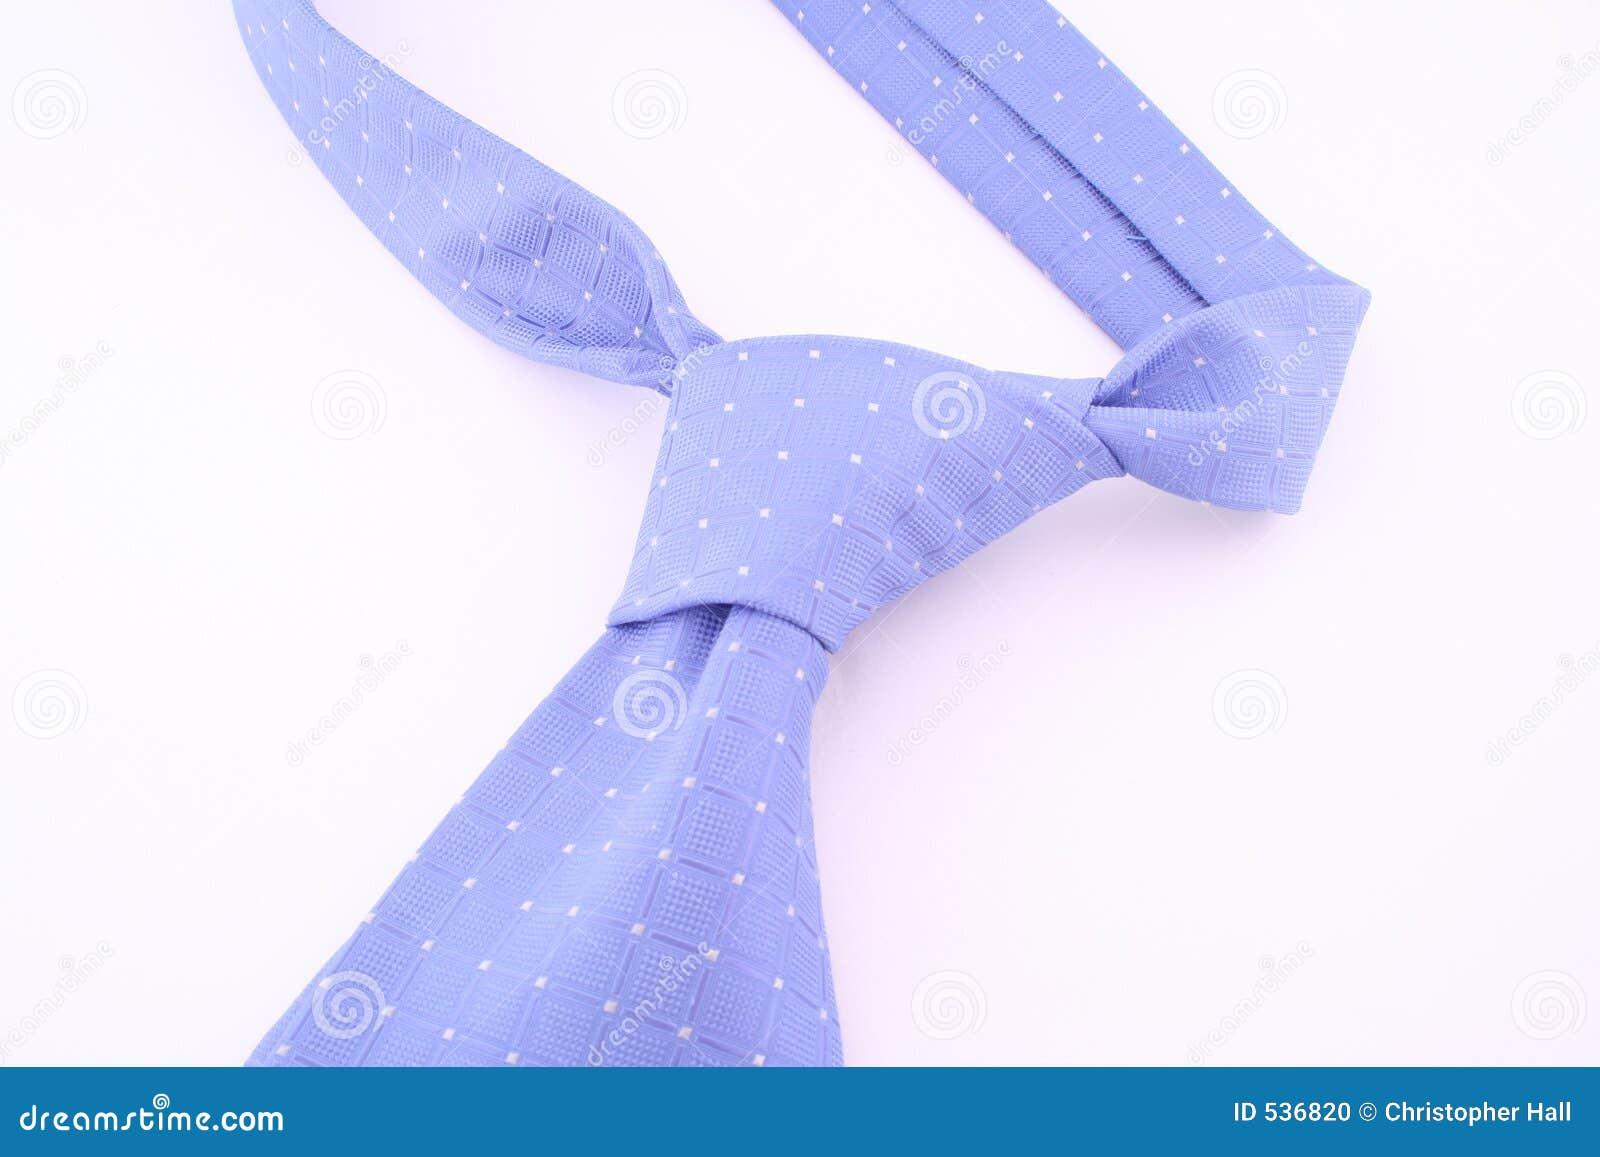 Download 蓝色关系 库存照片. 图片 包括有 丝绸, 详细资料, 编码, 衣物, 方式, 礼服, 纺织品, 脖子, 典雅 - 536820